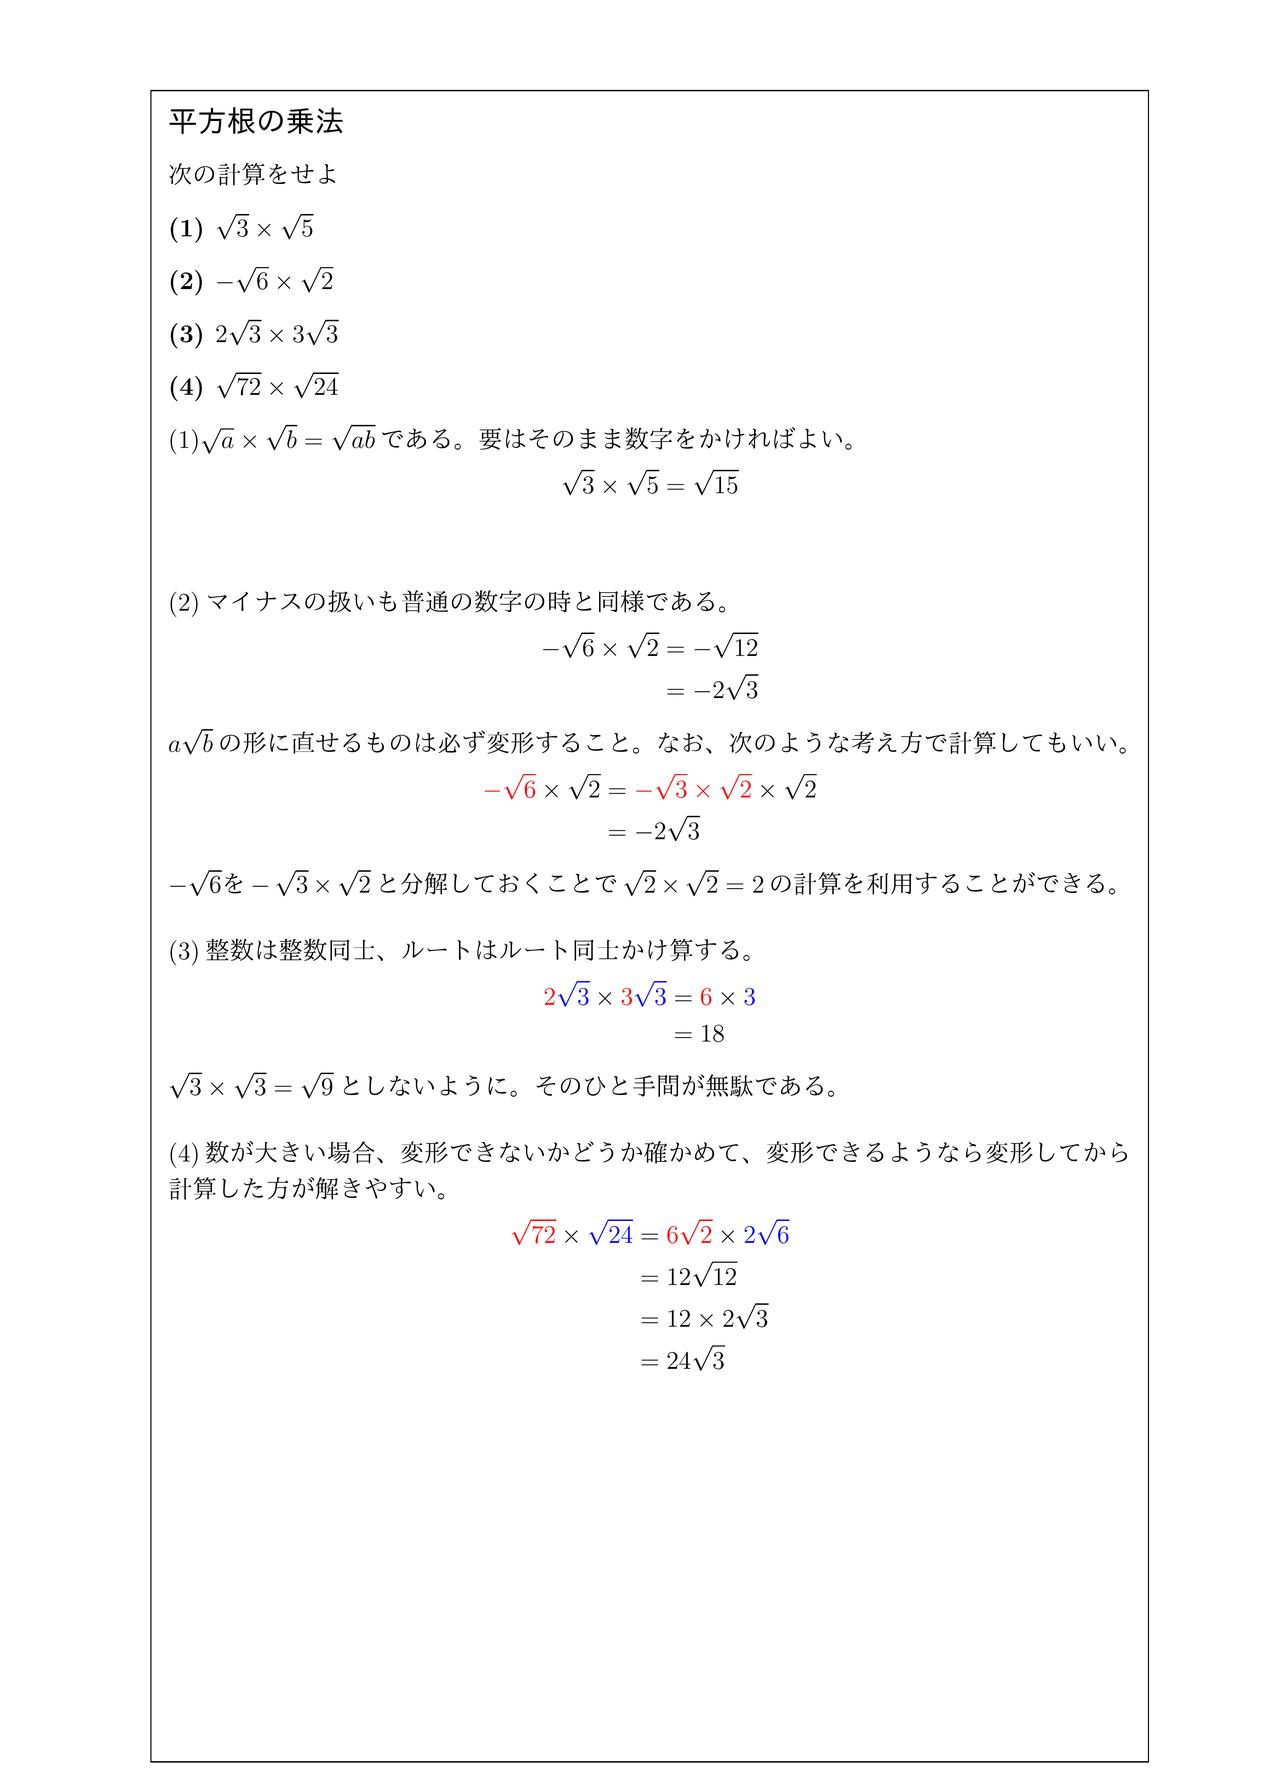 平方根の乗法